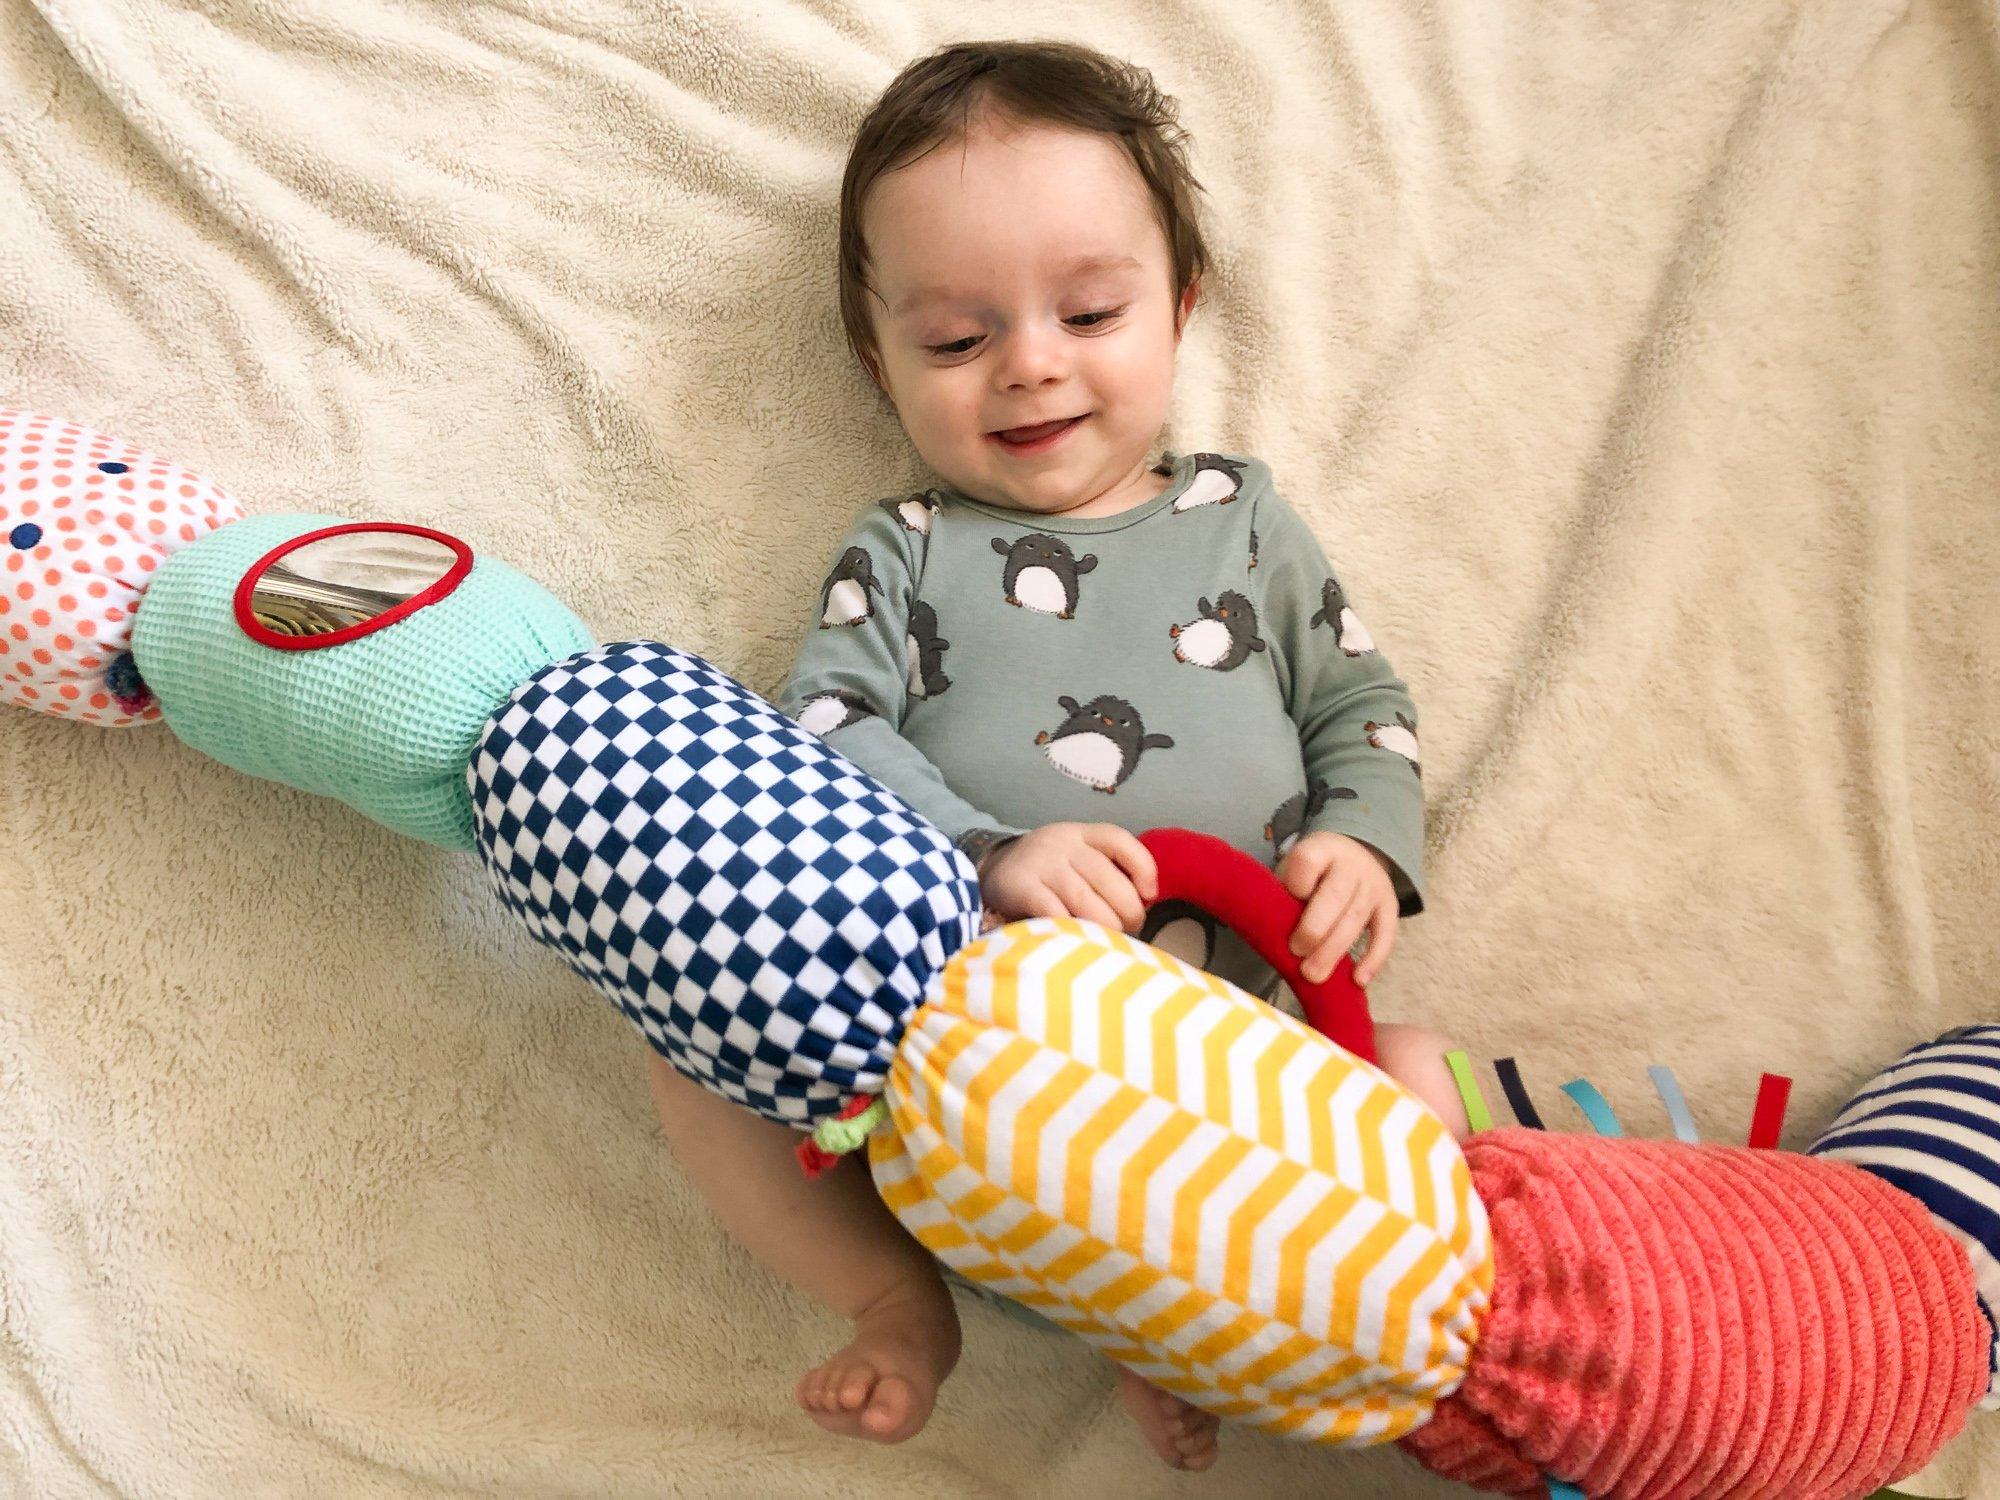 jouets adaptés enfants 0 à 6 mois : sélectionnés par des psychologues